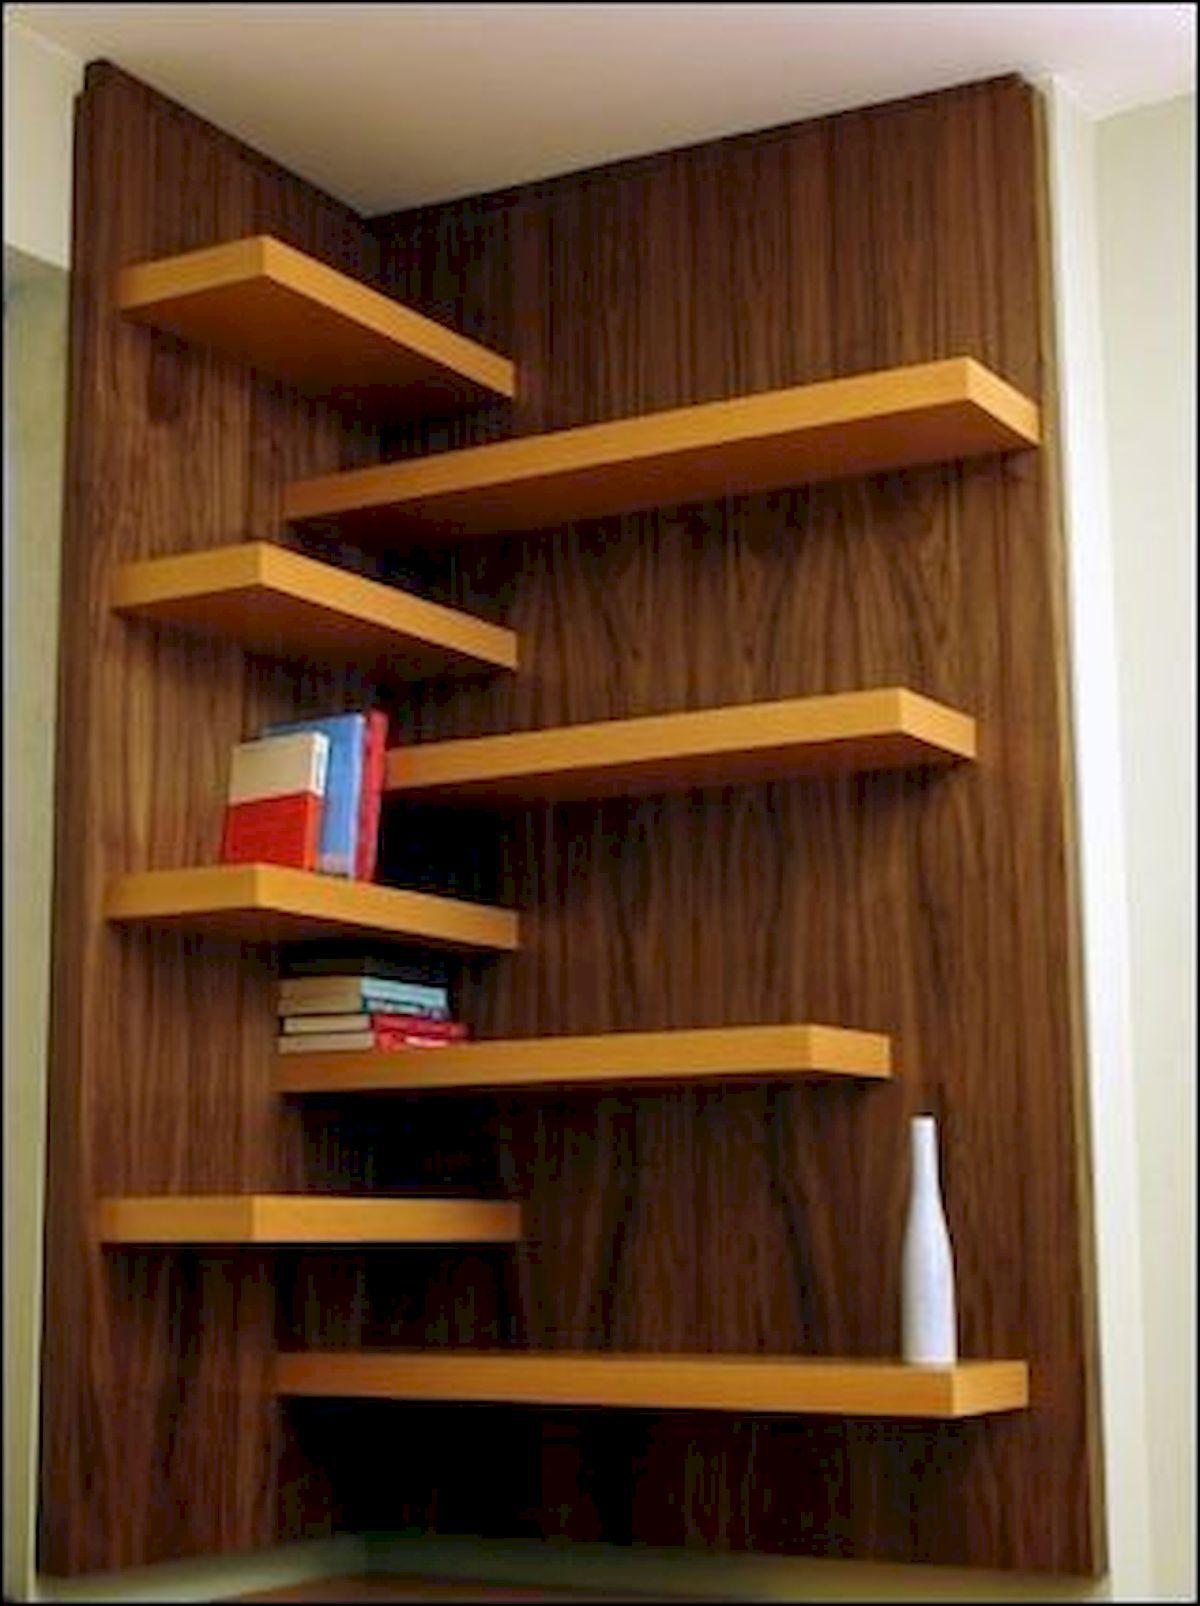 50 Amazing Diy Bookshelf Design Ideas For Your Home Corner Shelf